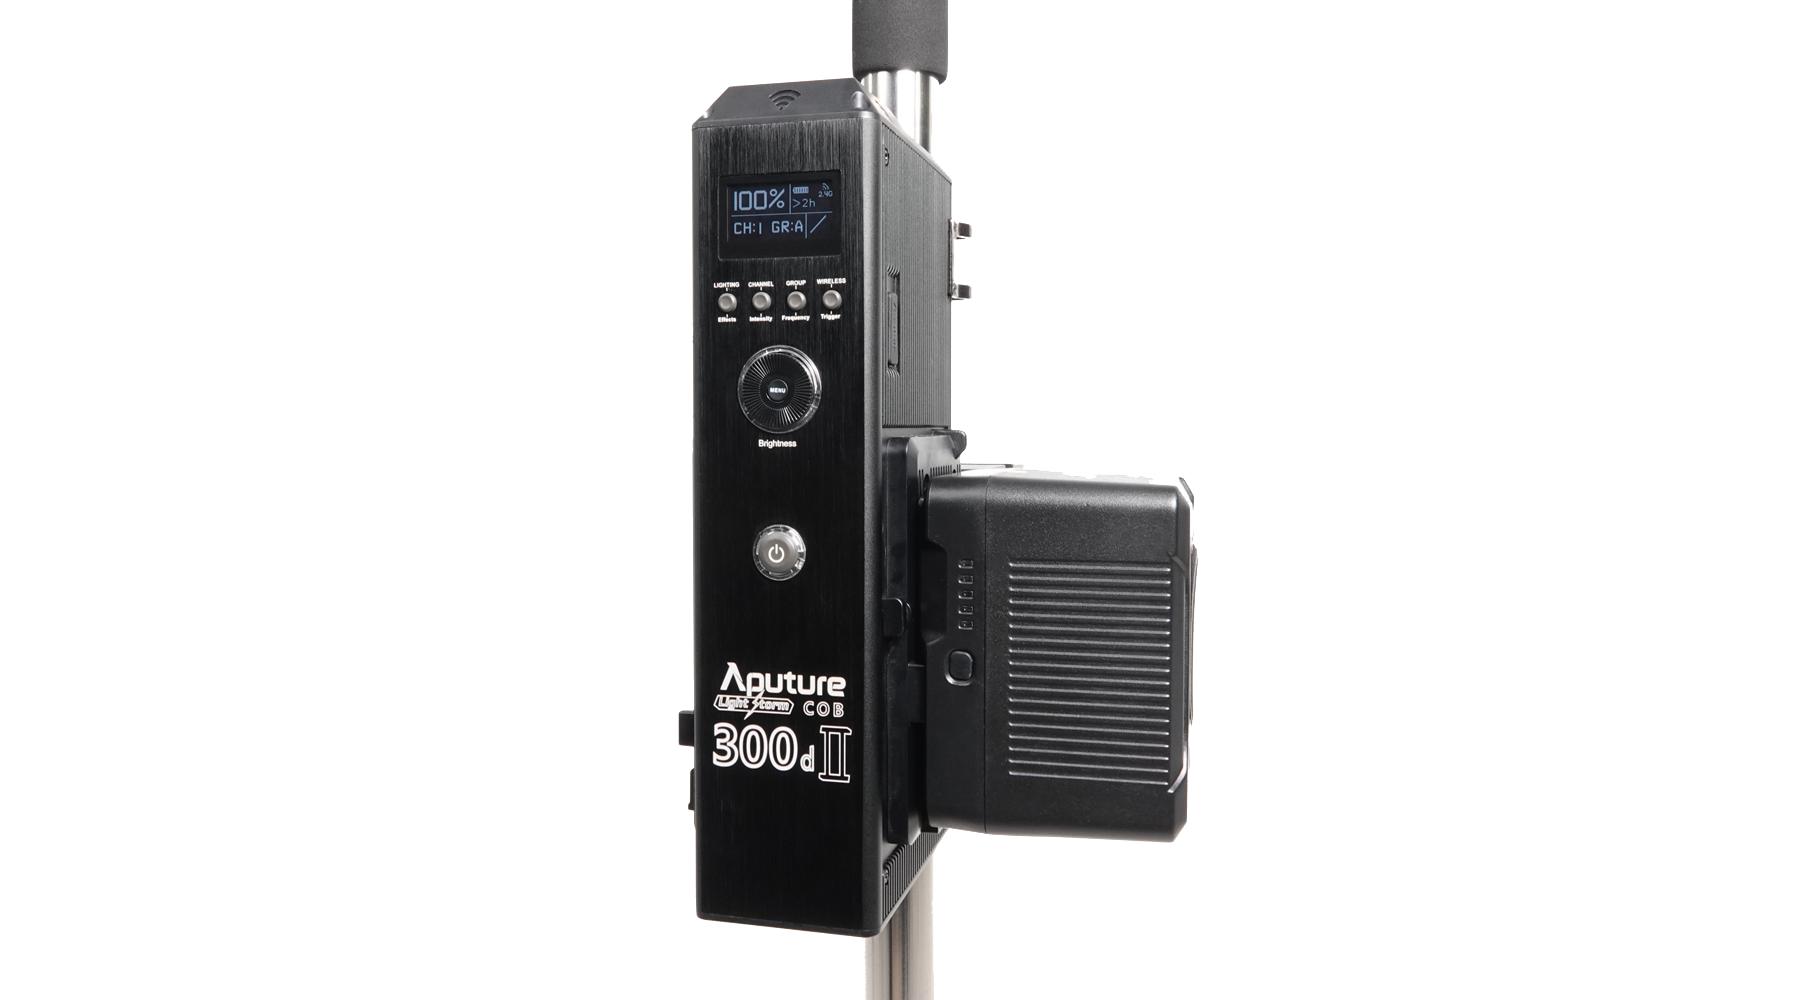 Aputure Light Storm LS C300d II Control